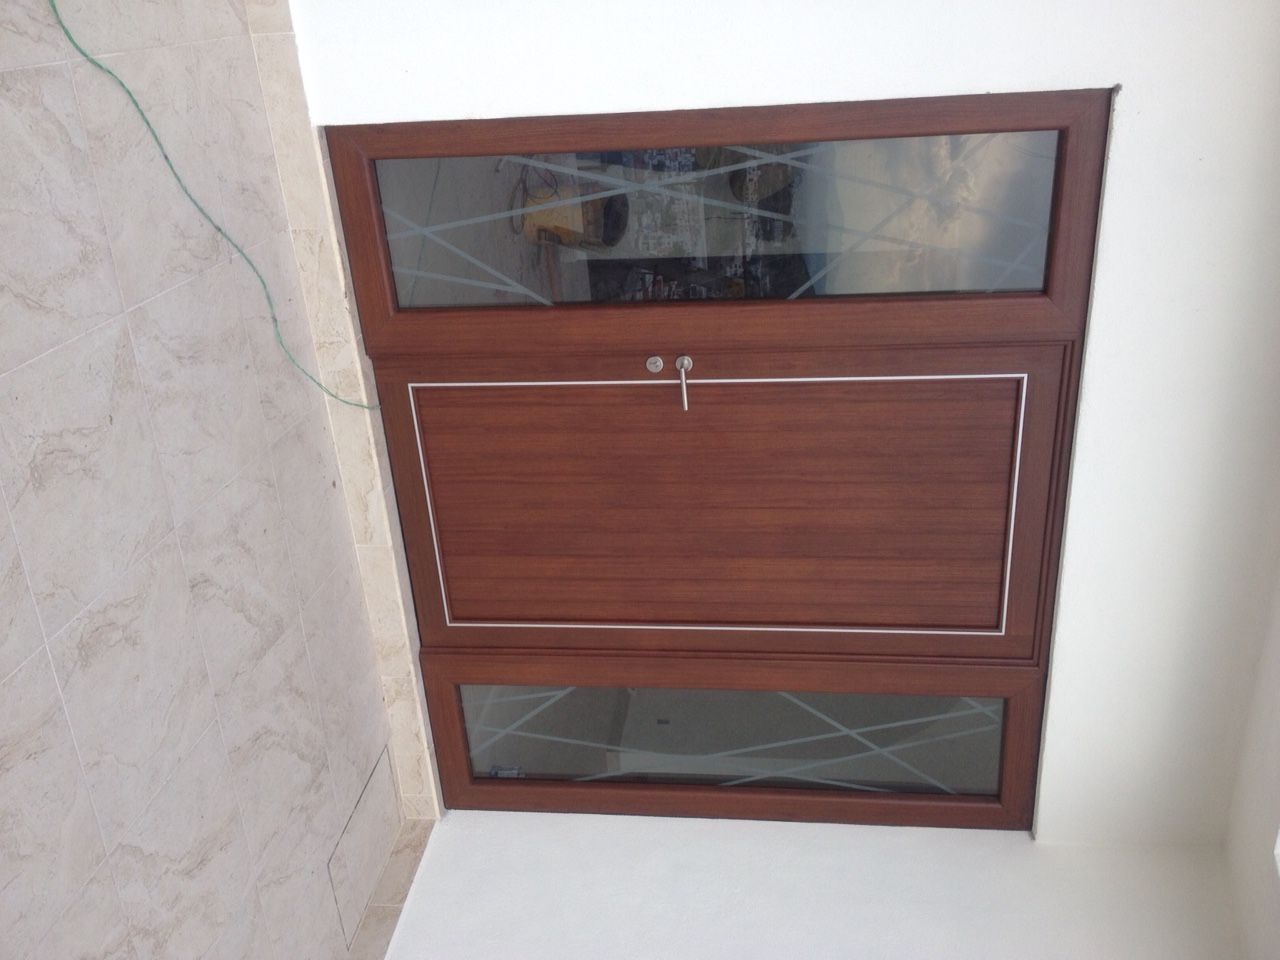 Puerta en acabado madera con dos fijos en cristal, con detalle ...